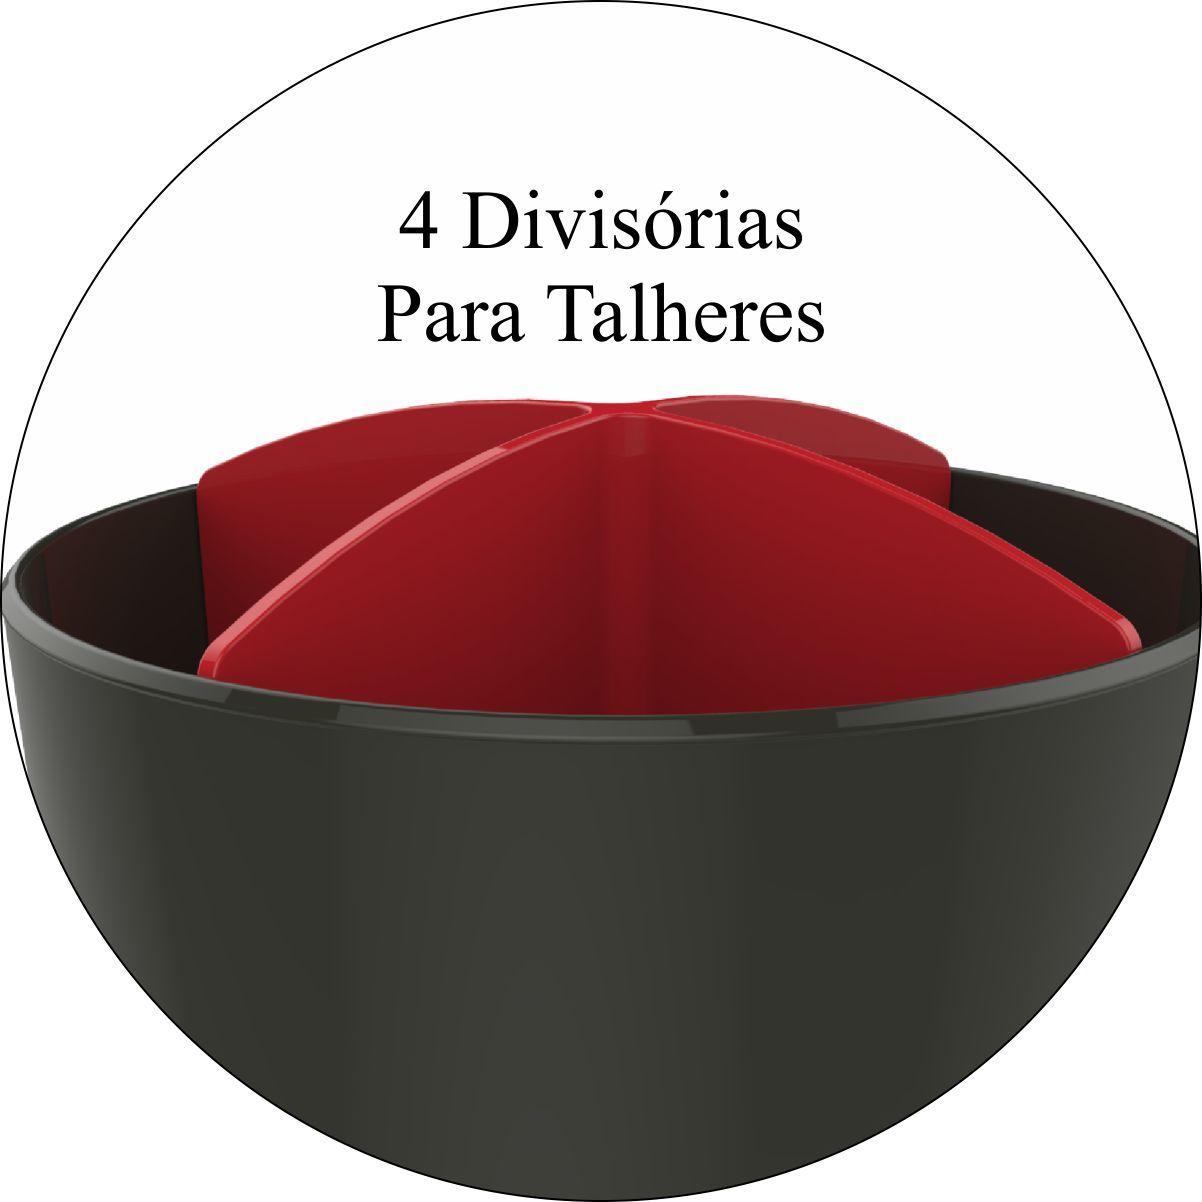 Escorredor de Talheres Organizador de Pia - Cinza Chumbo/Vermelho